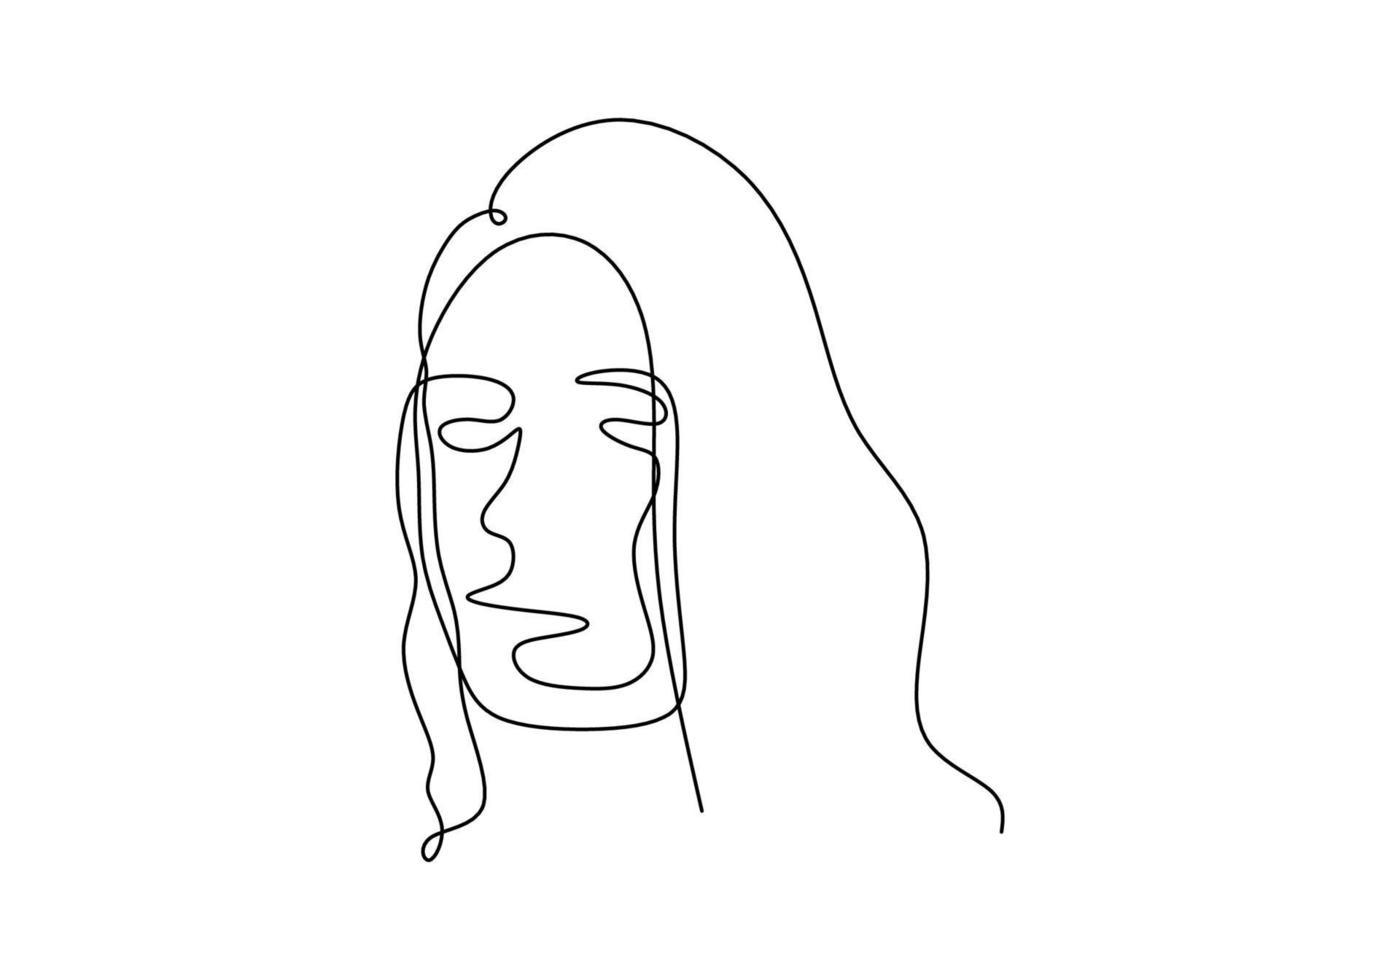 linea continua disegno astratto viso. vettore di minimalismo isolato su sfondo bianco.